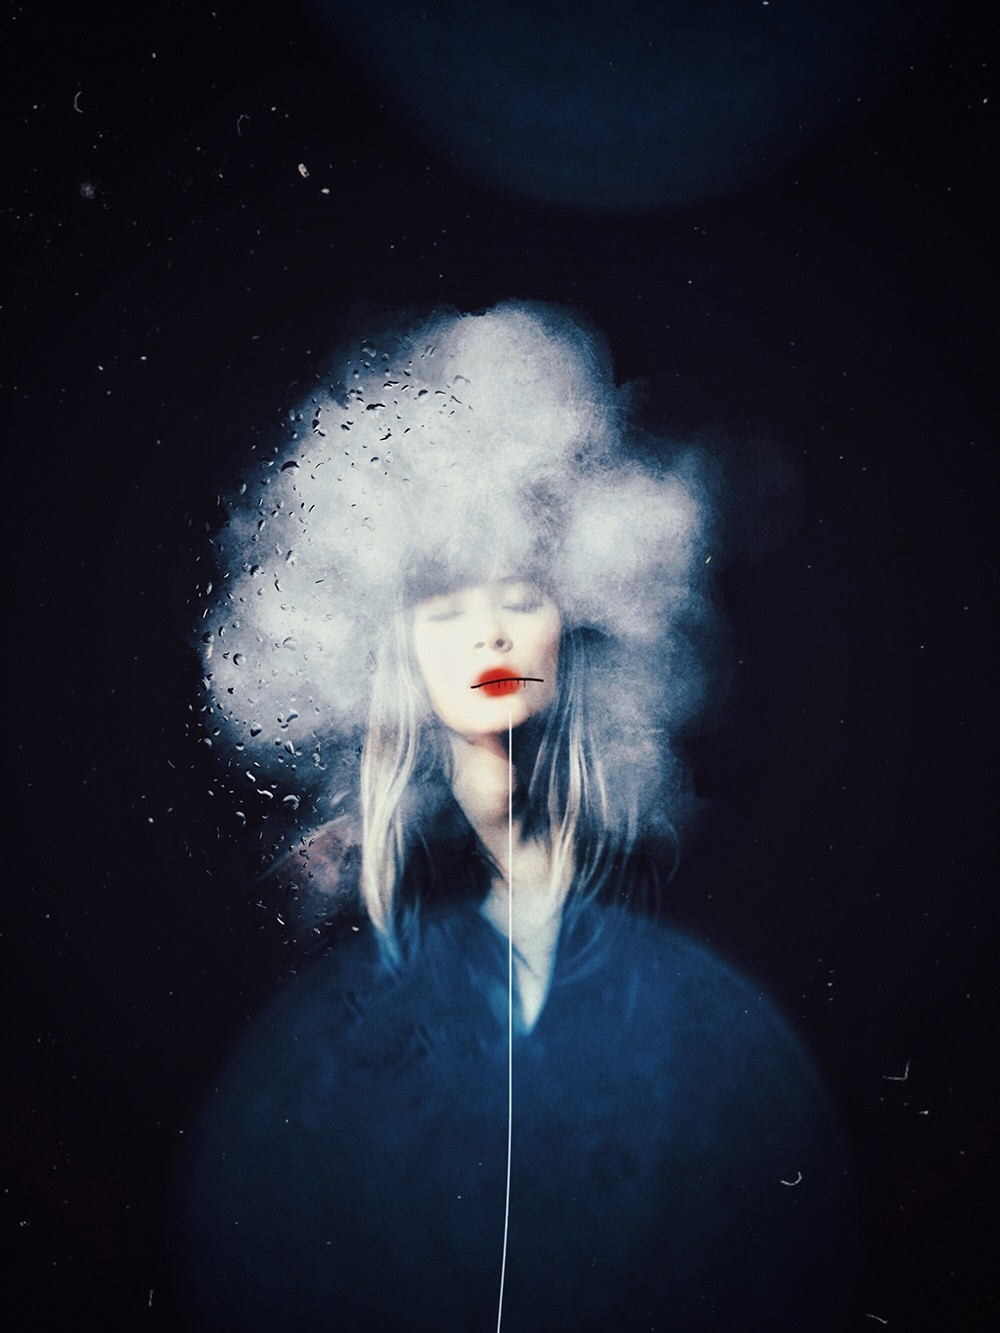 Победитель в категории «Автопортреты», 2019. «Крошечная голубая планета». Автор Элиза Бадойу